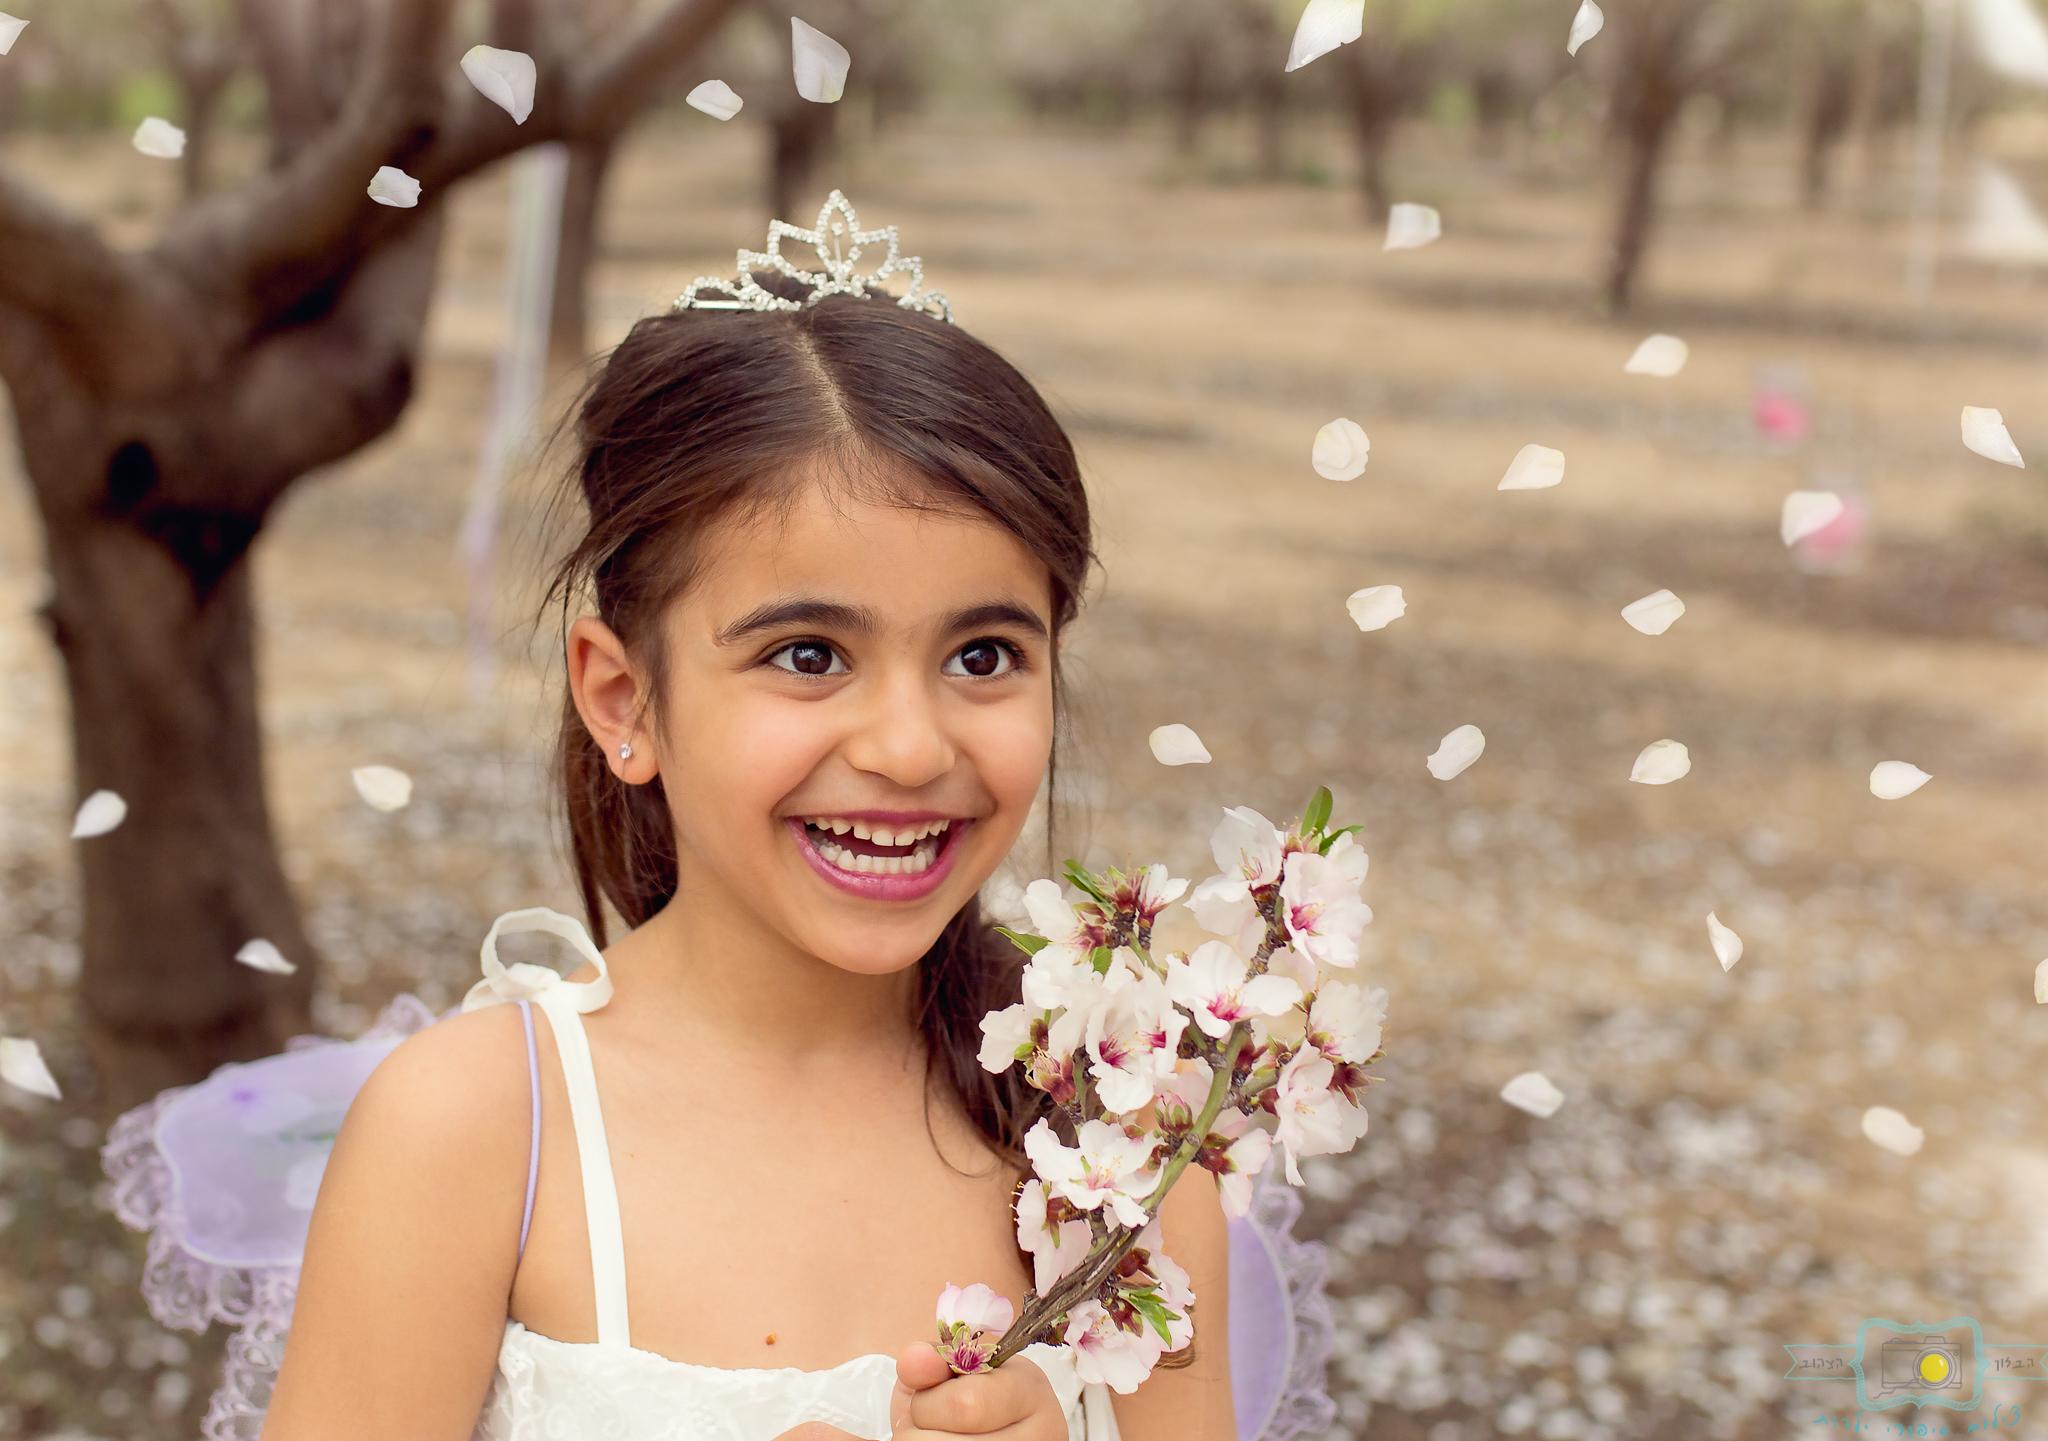 הבלון הצהוב- סטודיו לצילום ועיצוב גרפי IMG_0229-Edit-2 פיית השקדיות- צילומי קונספט לילדים